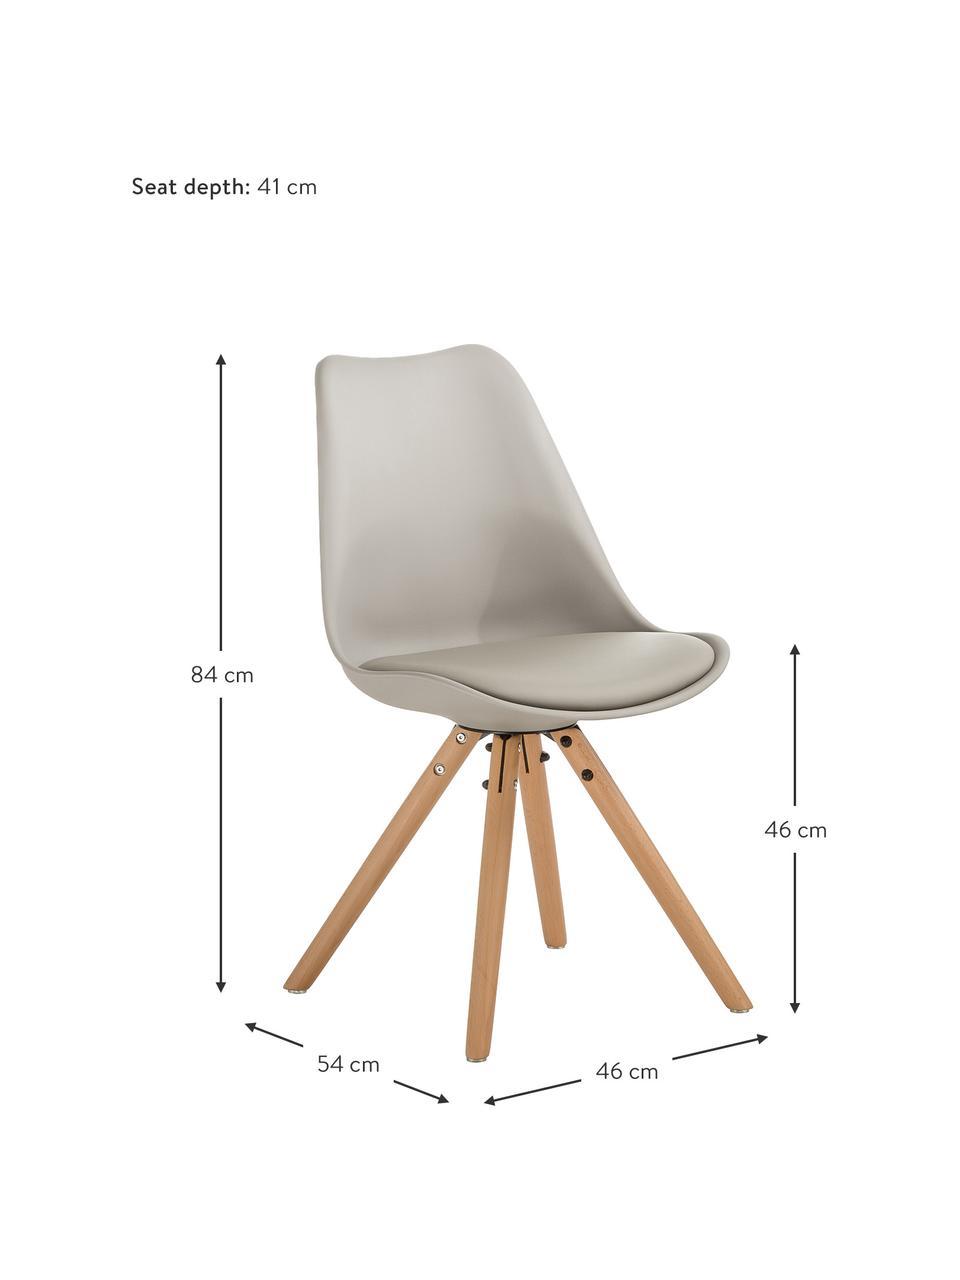 Kunststoffstühle Max in Beige, 2 Stück, Sitzfläche: Kunstleder (Polyurethan) , Sitzschale: Kunststoff, Beine: Buchenholz, Grau, B 46 x T 54 cm